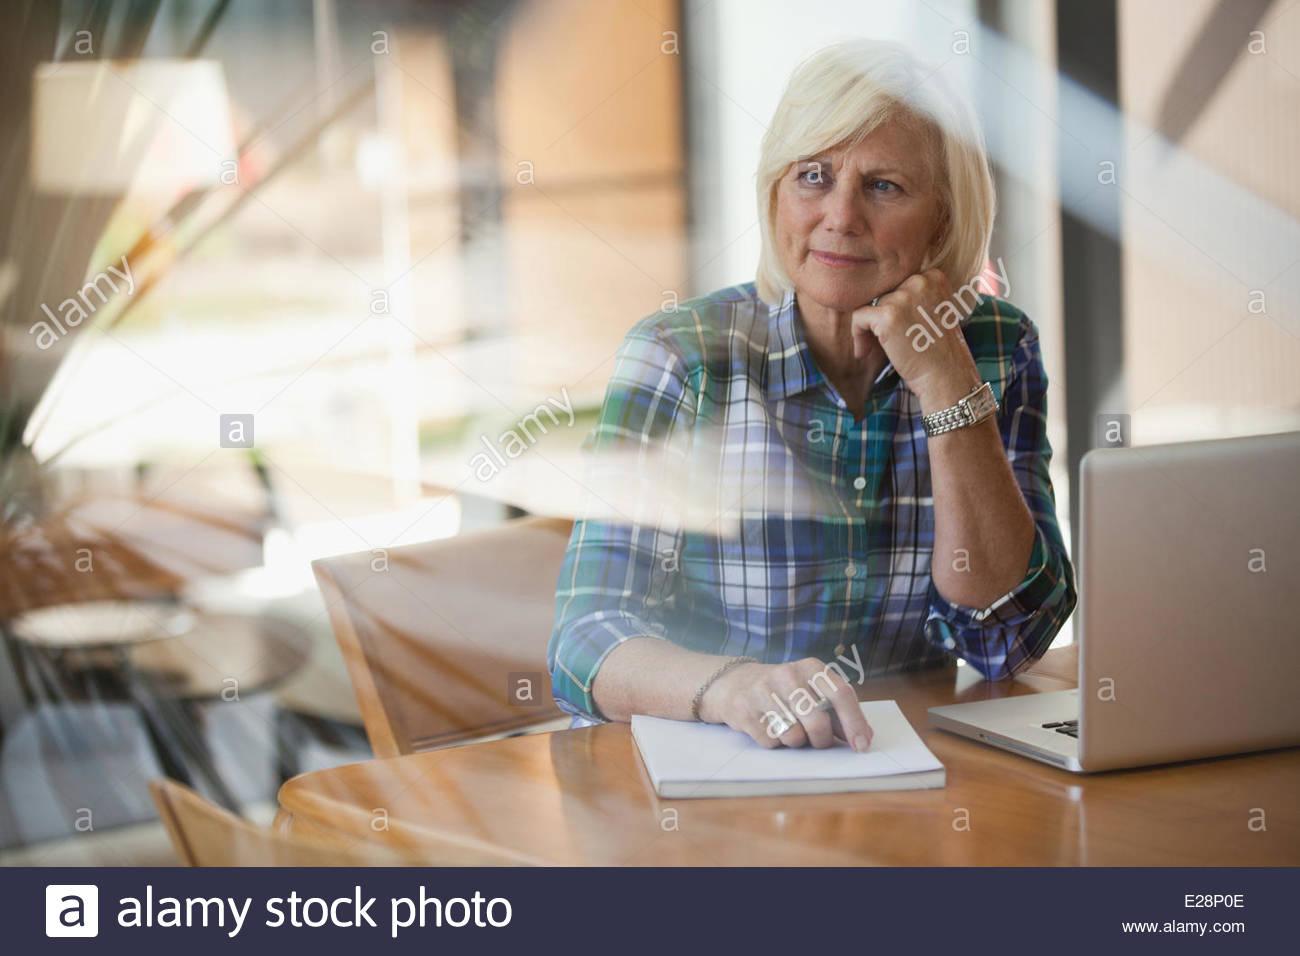 Femme plus âgée à l'aide d'ordinateur portable à l'intérieur Photo Stock